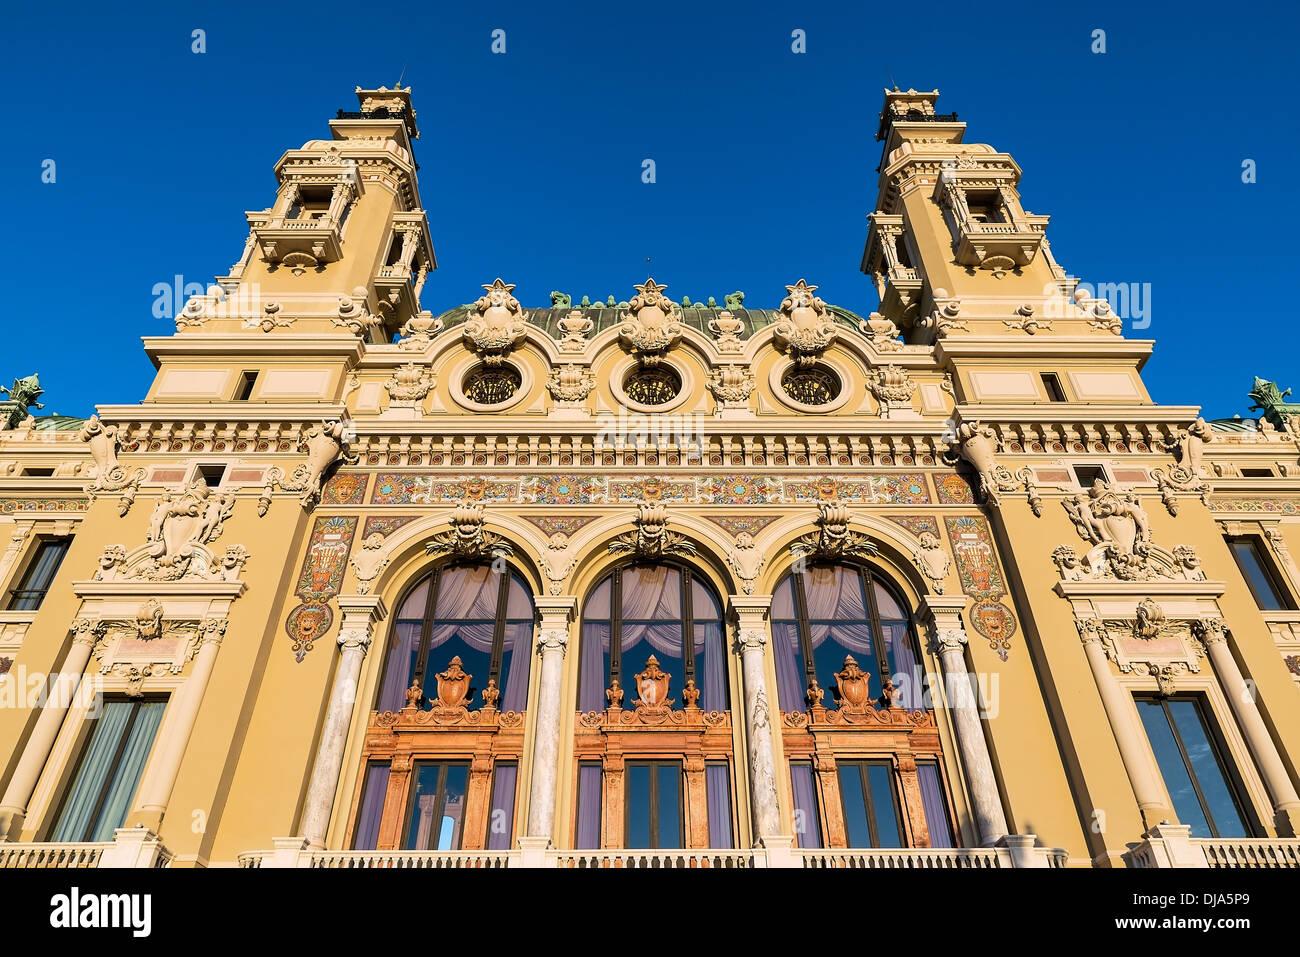 Exterior of the Salle Garnier, Opéra de Monte-Carlo, Monaco - Stock Image